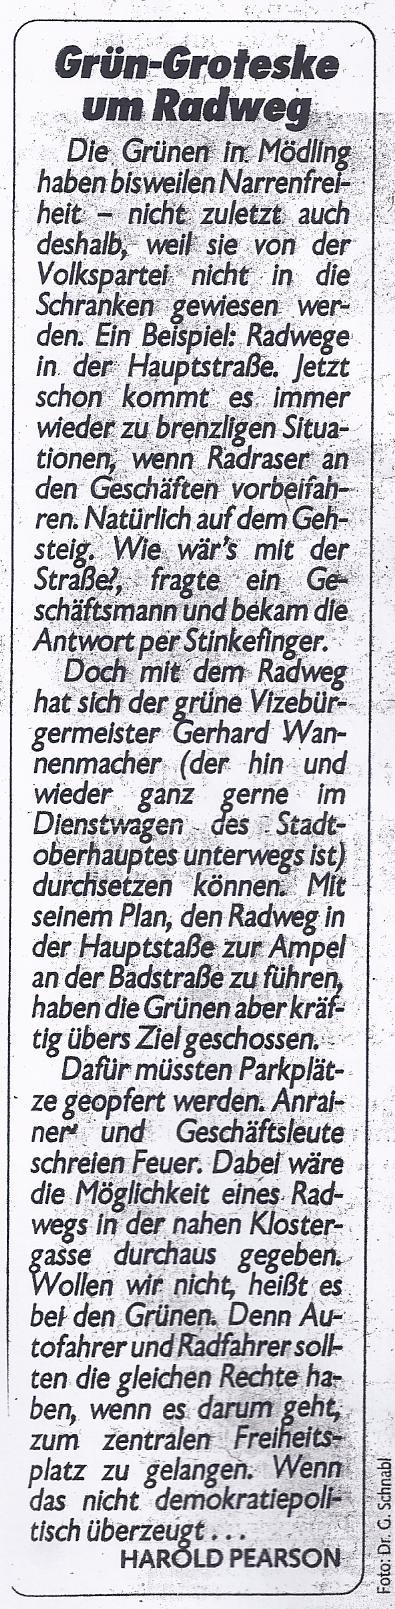 KRONE, 12.12.2011, s.19